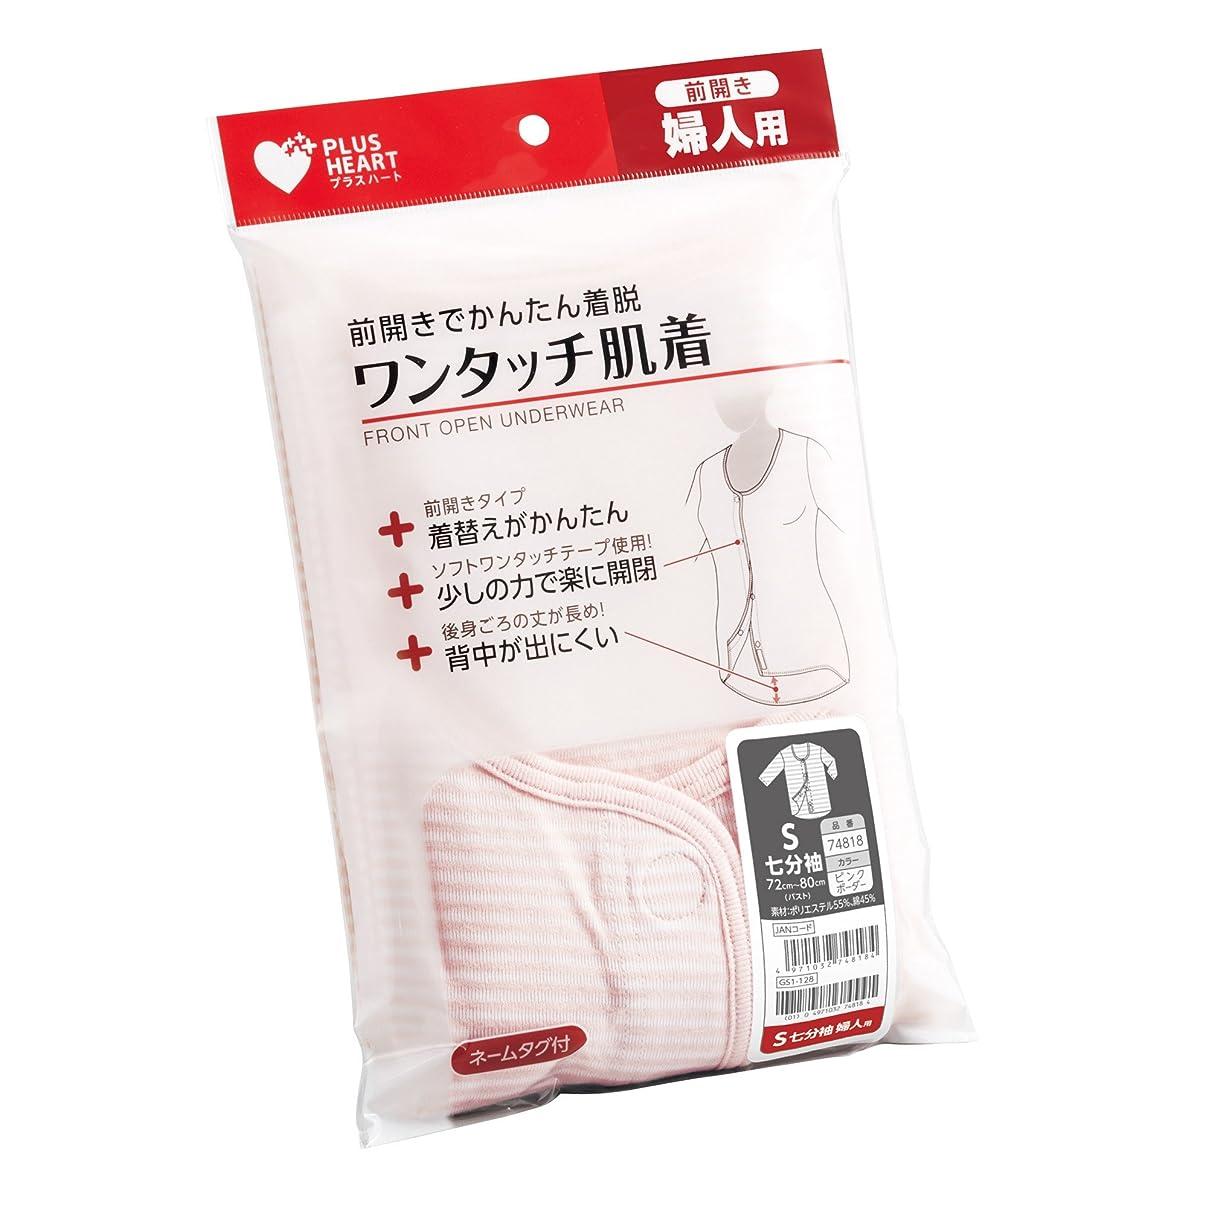 暴露する服フィッティングオオサキメディカル プラスハート ワンタッチ肌着 前開き 婦人用 七分袖 Sサイズ ピンクボーダー